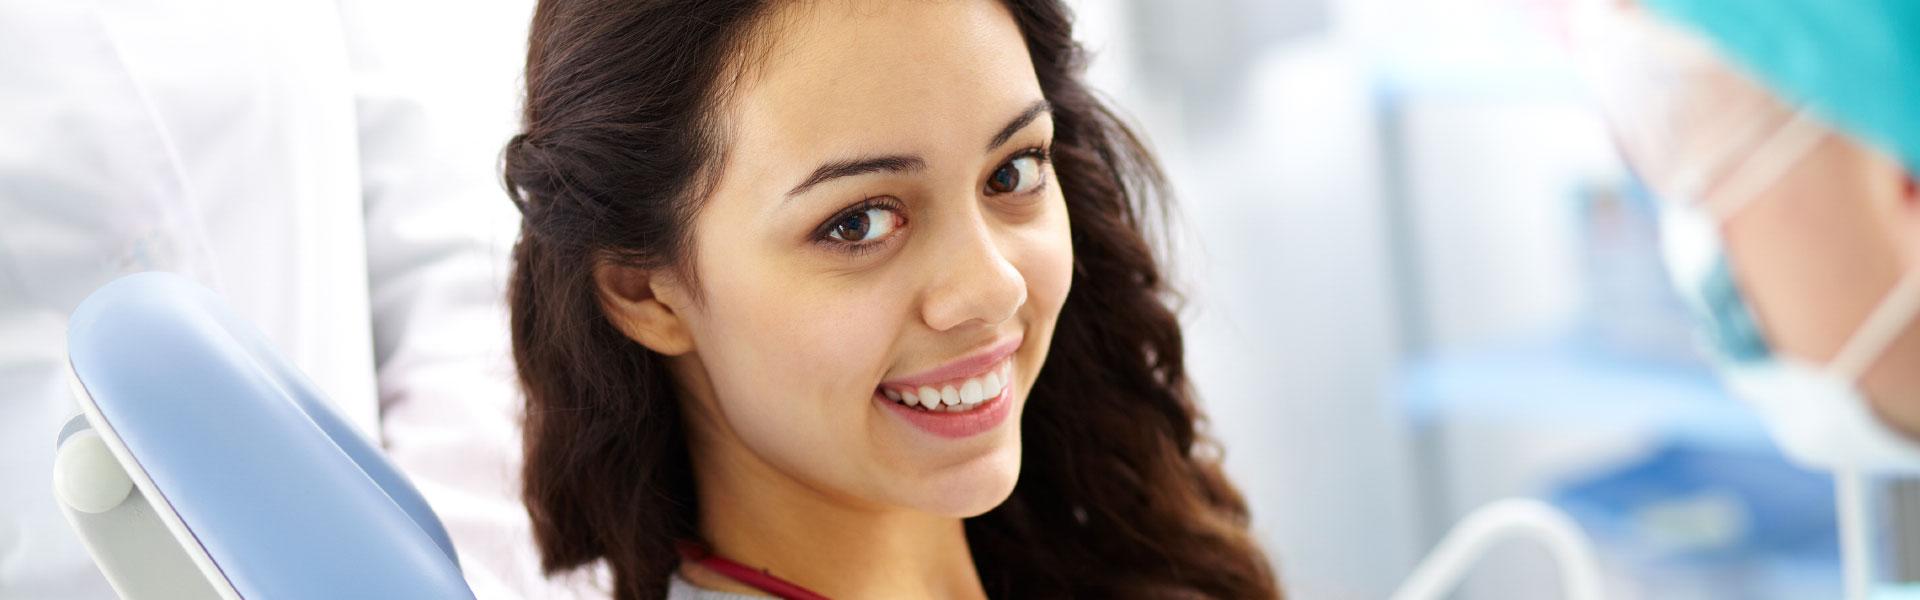 Dental Fillings to Save Teeth